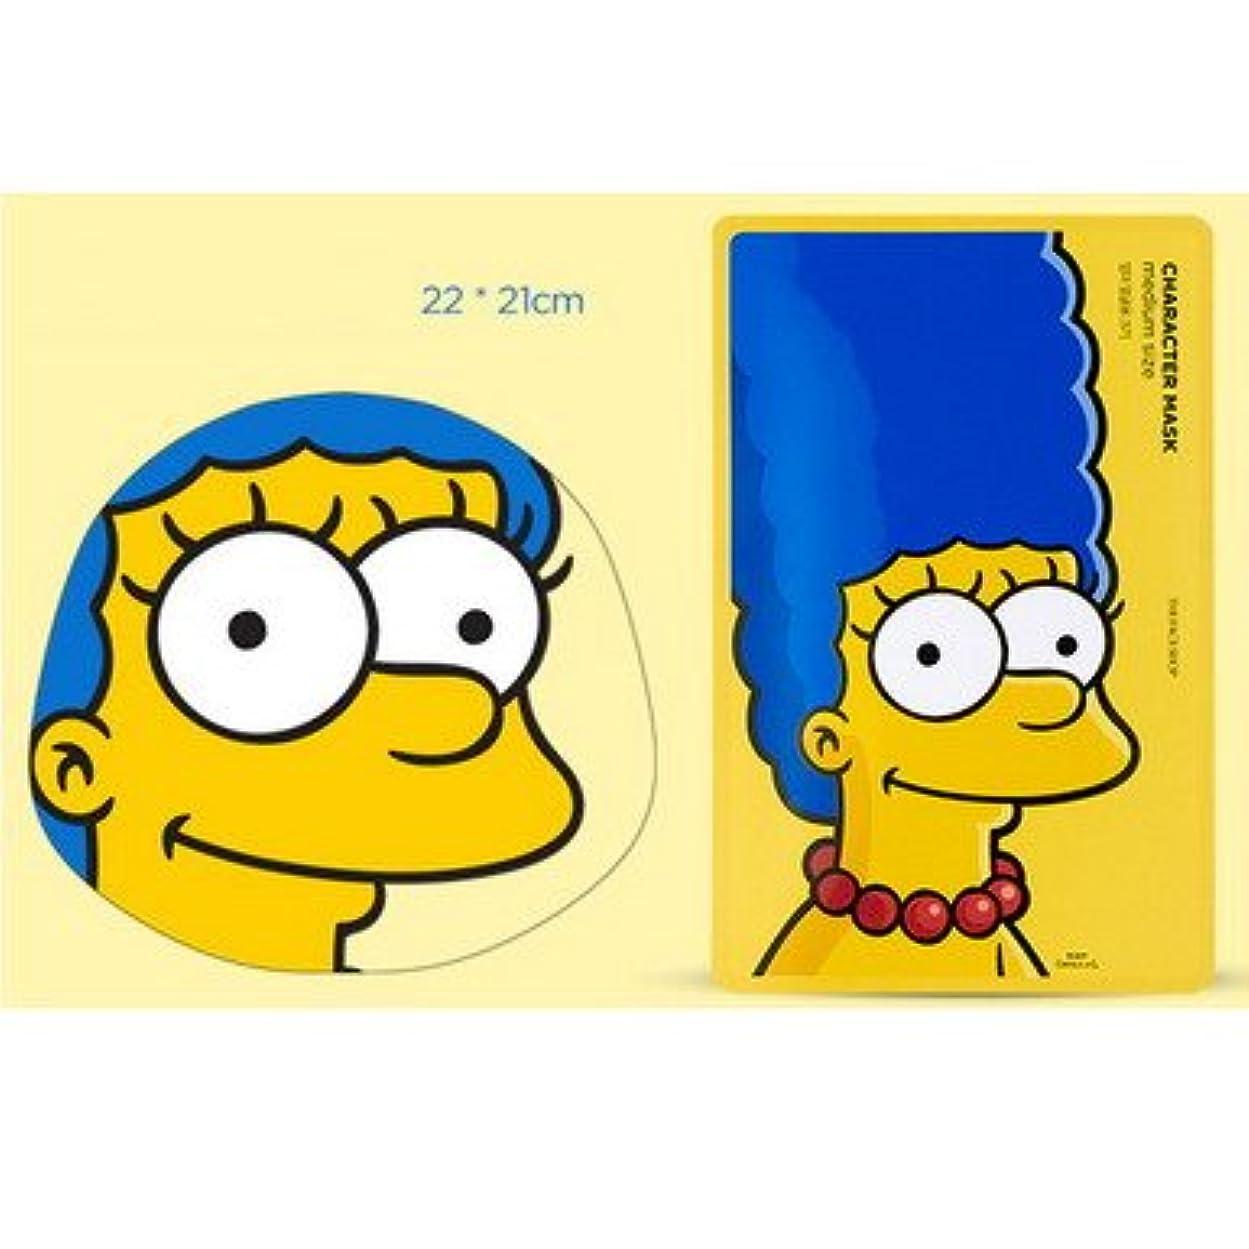 静かなビバ前兆【The Face Shop (ザ?フェイスショップ)】 The Simpsons ザ?シンプソンズ キャラクターマスク 25g (3種類選択1) (マージ (ザクロ)) [並行輸入品]